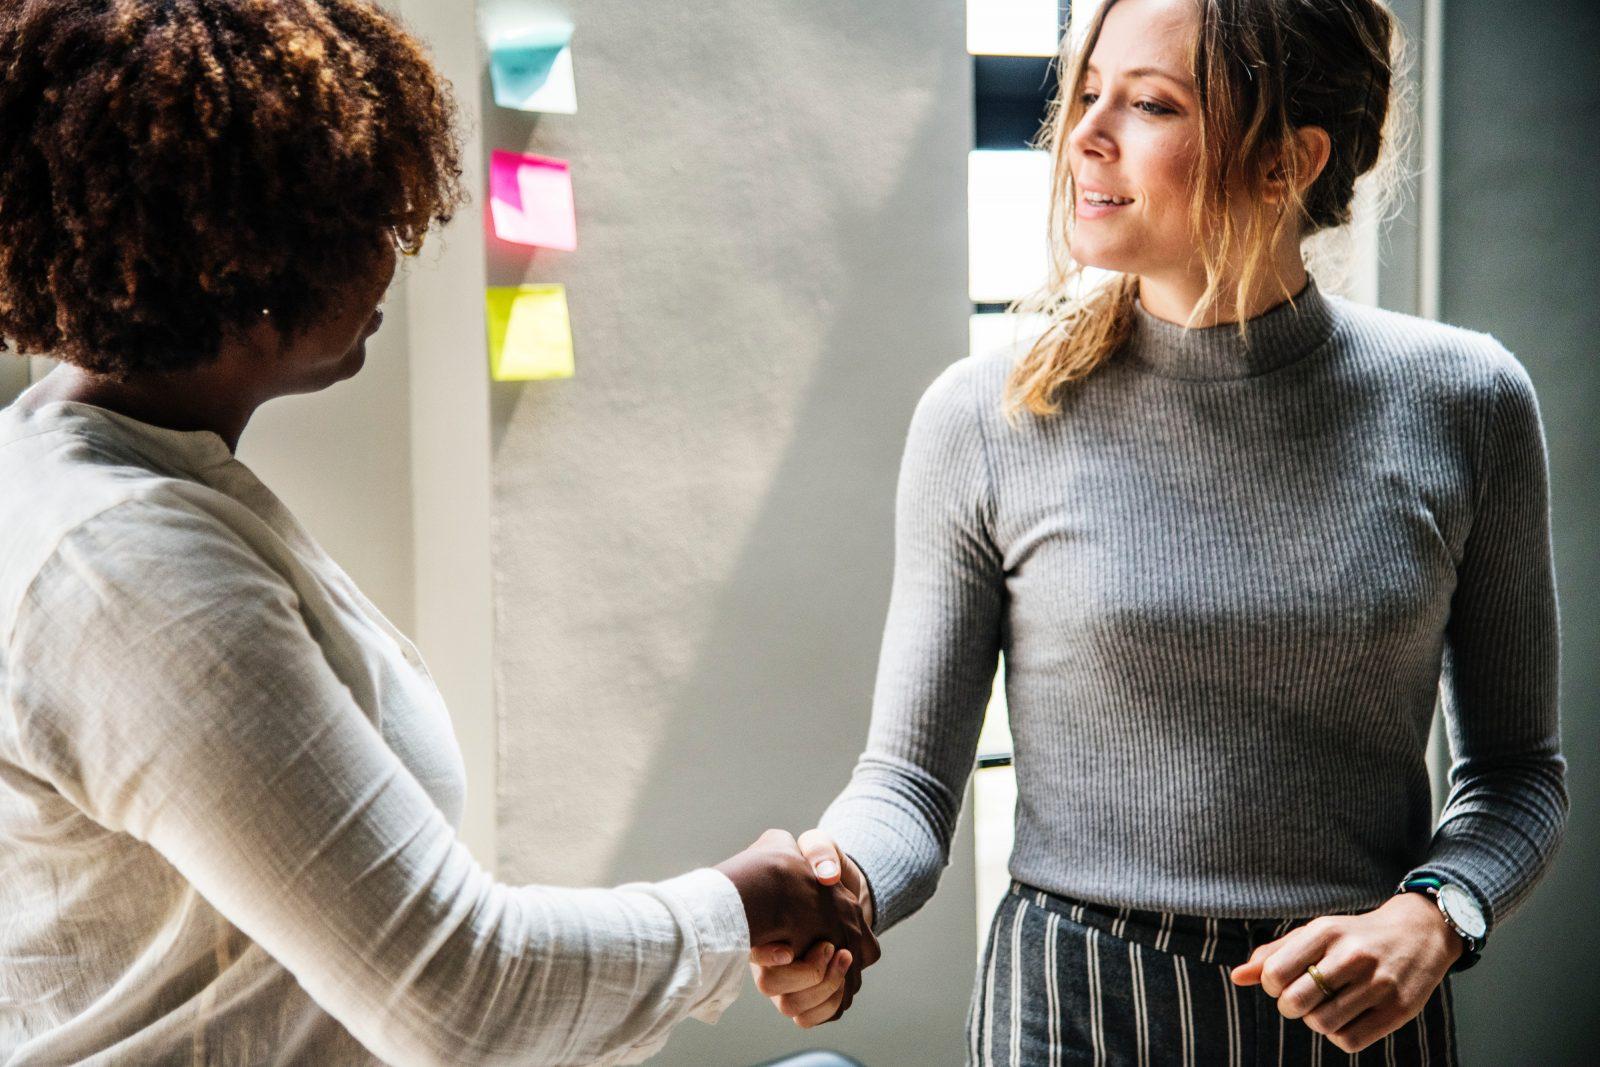 Een ontmoeting van 2 vrouwen voor een coachingsgesprek